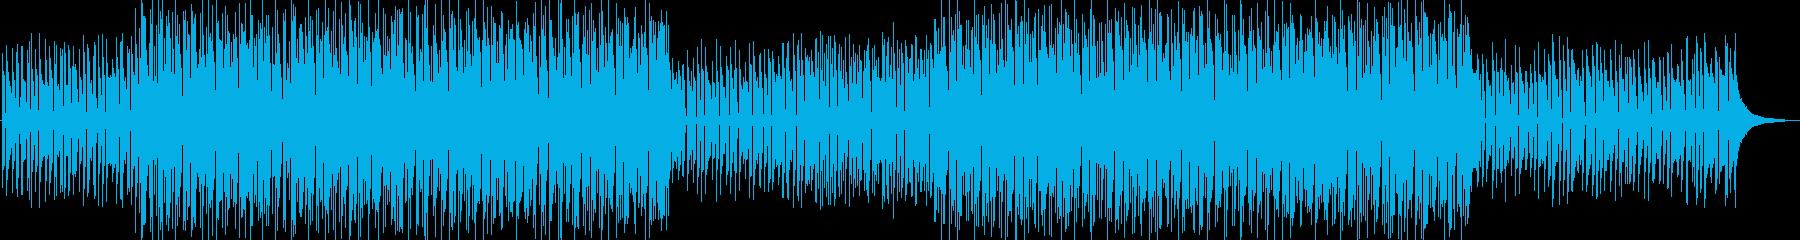 ティータイム感のあるおしゃれなボサノヴァの再生済みの波形